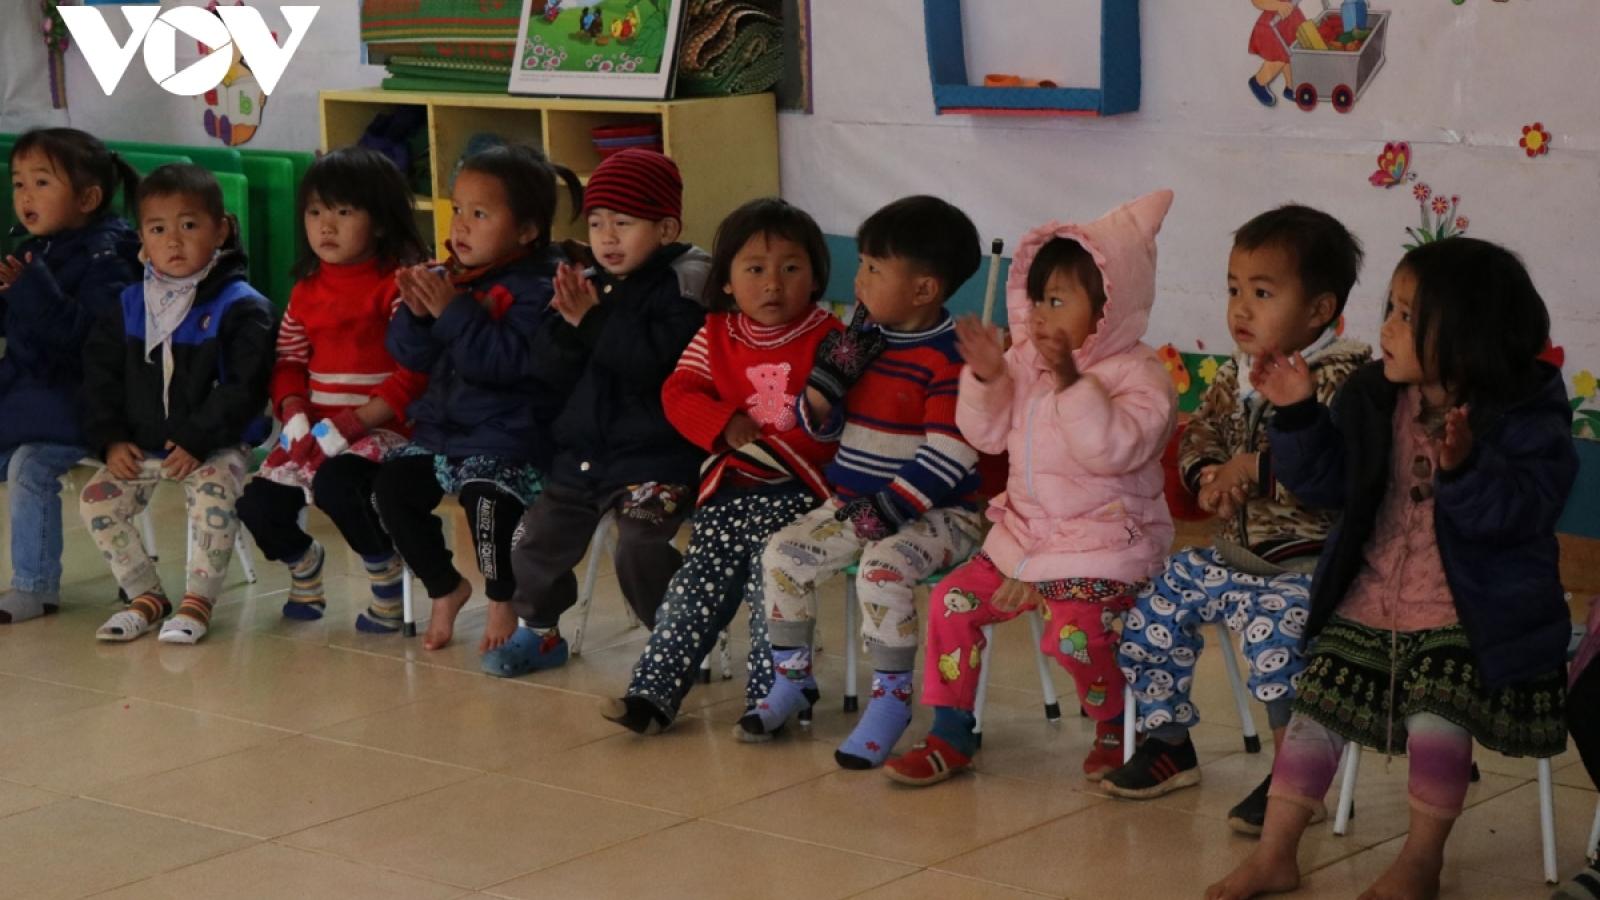 Giả mạo văn bản Nhà nước ở Lâm Đồng, Đắk Lắk: Có thể truy cứu trách nhiệm hình sự